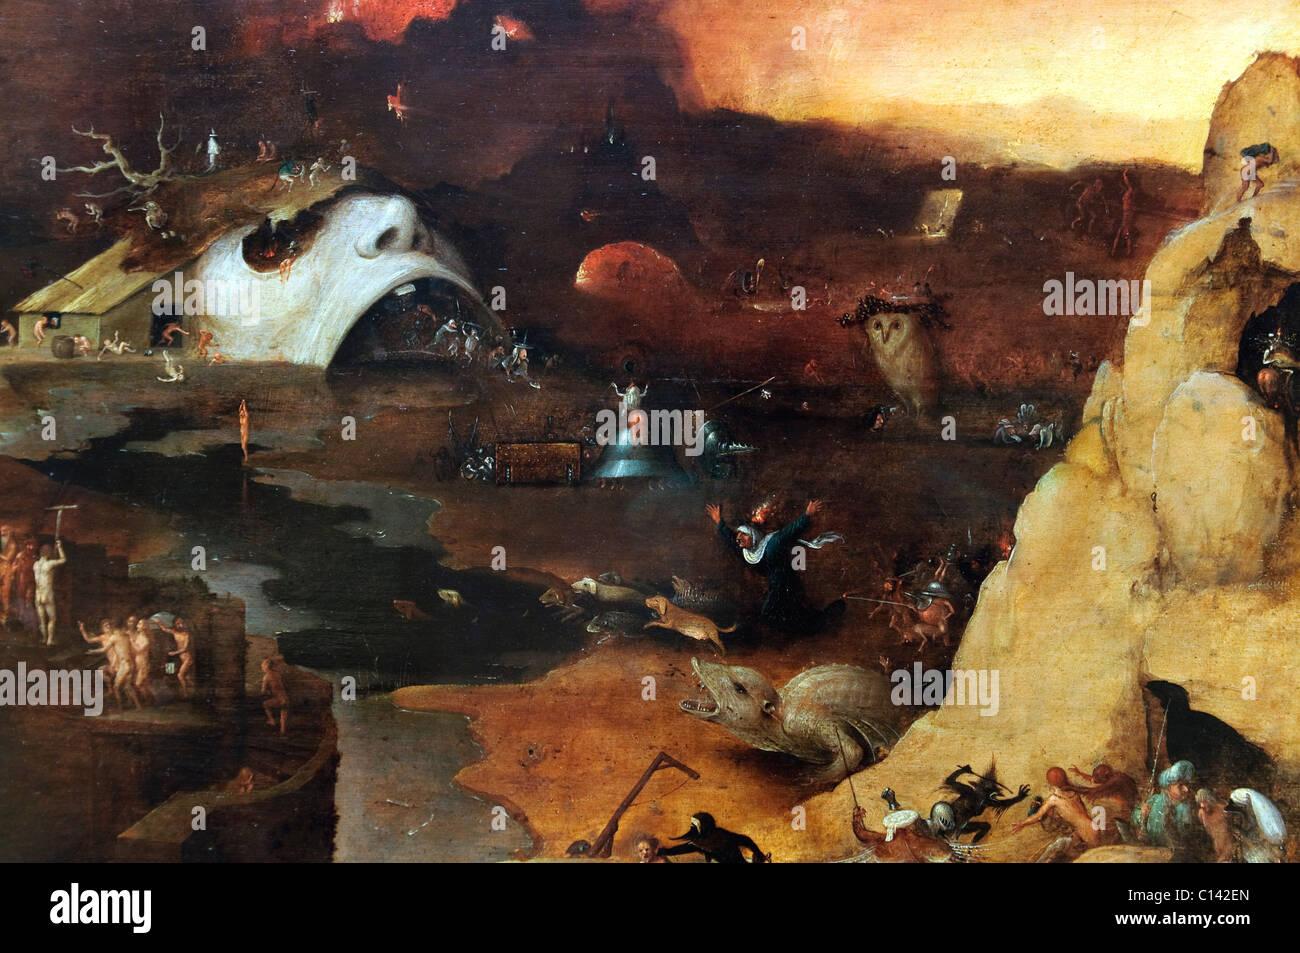 Detalle: el descenso a los infiernos de Cristo, al estilo de Hieronymus Bosch, Imagen De Stock